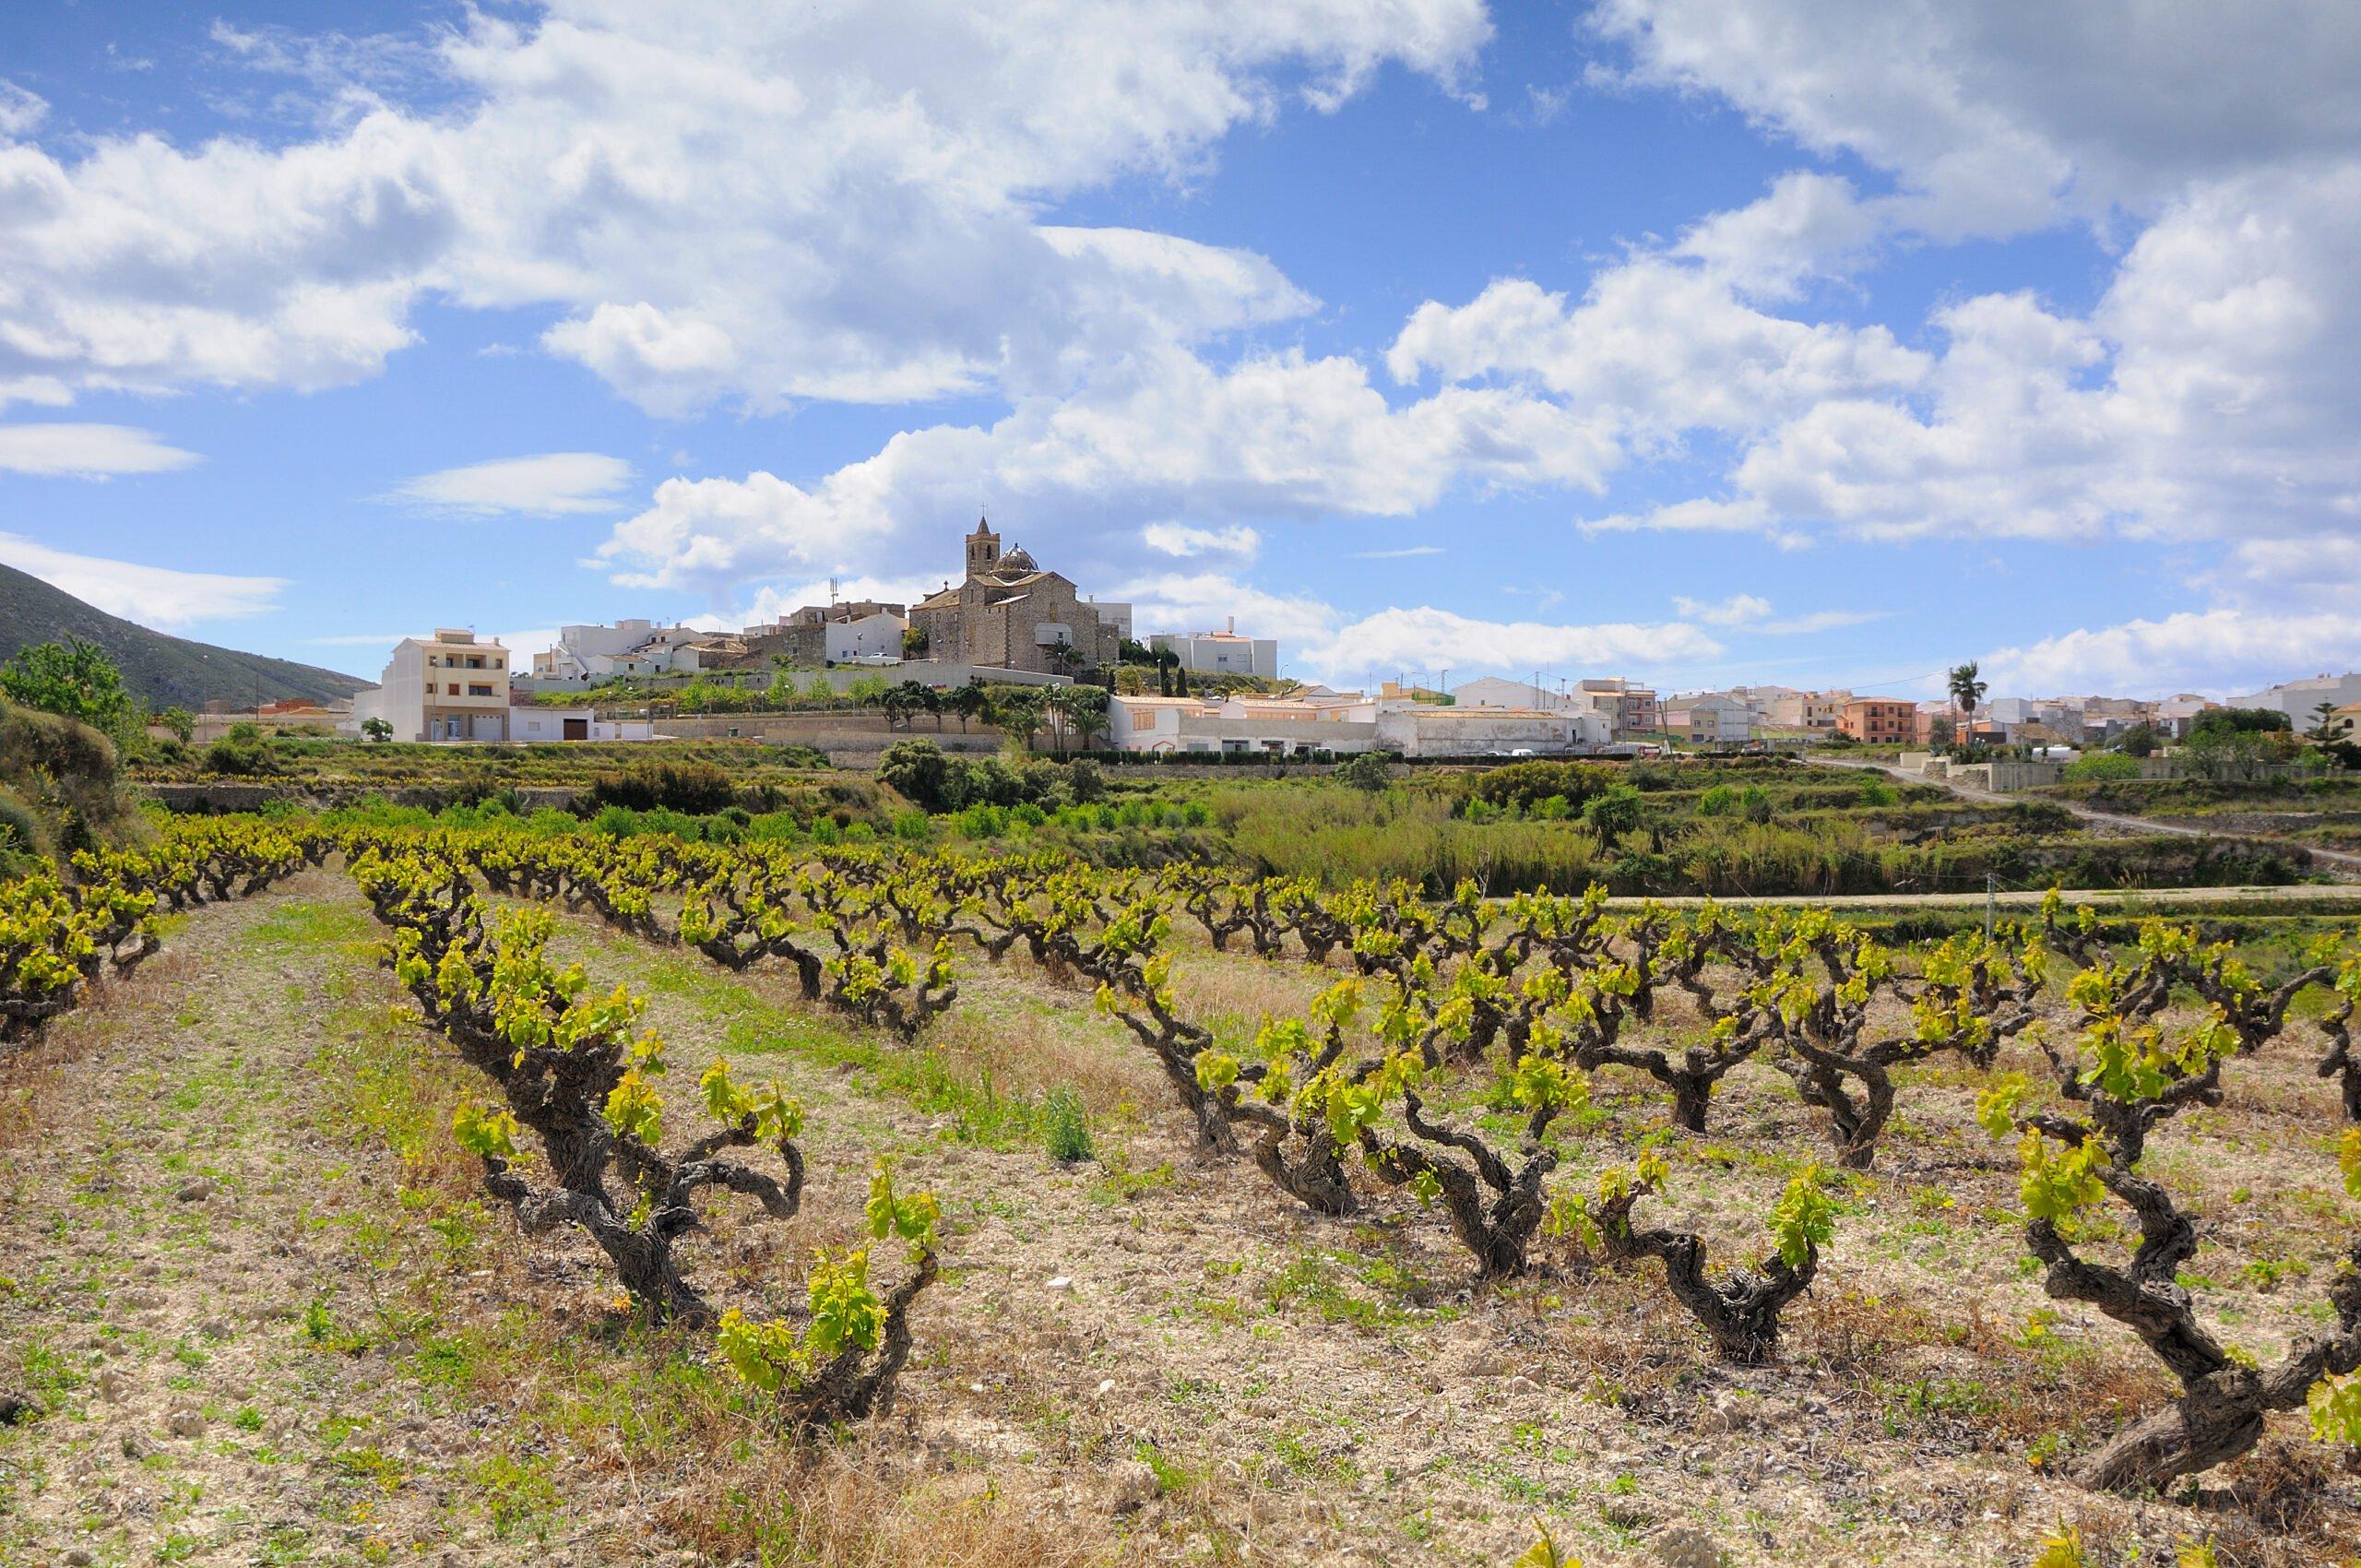 Campo de viñas en El Poble Nou de Benitatxell